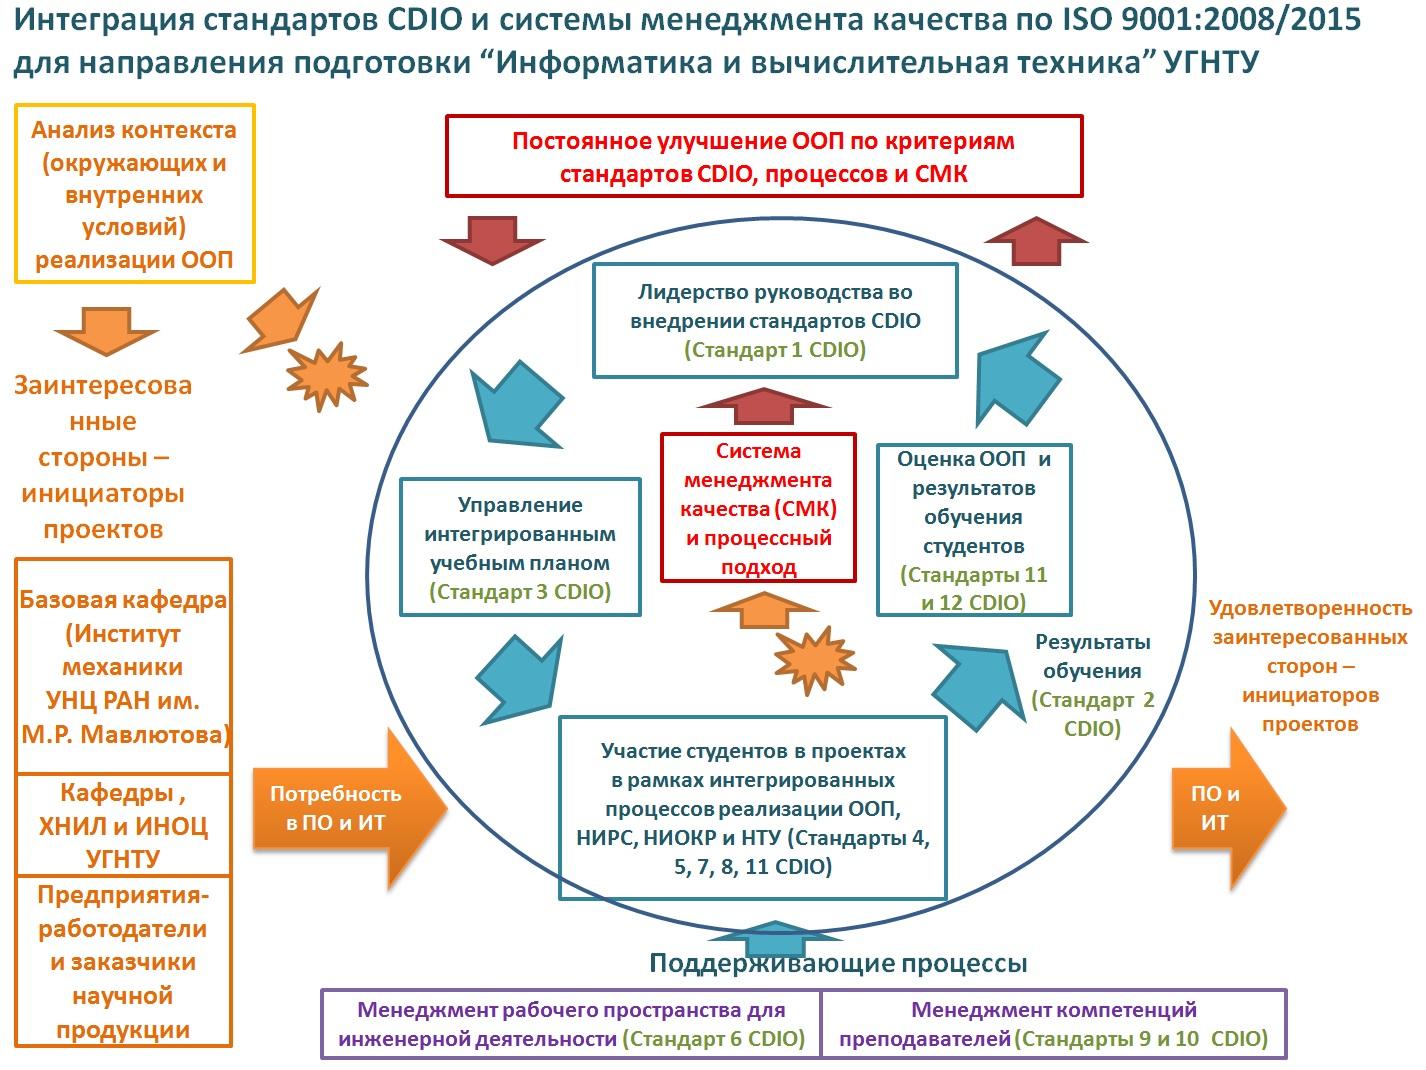 Проектное обучение CDIO, #КафедраВТИК, #ВТИК, #УГНТУ, #ФАПП